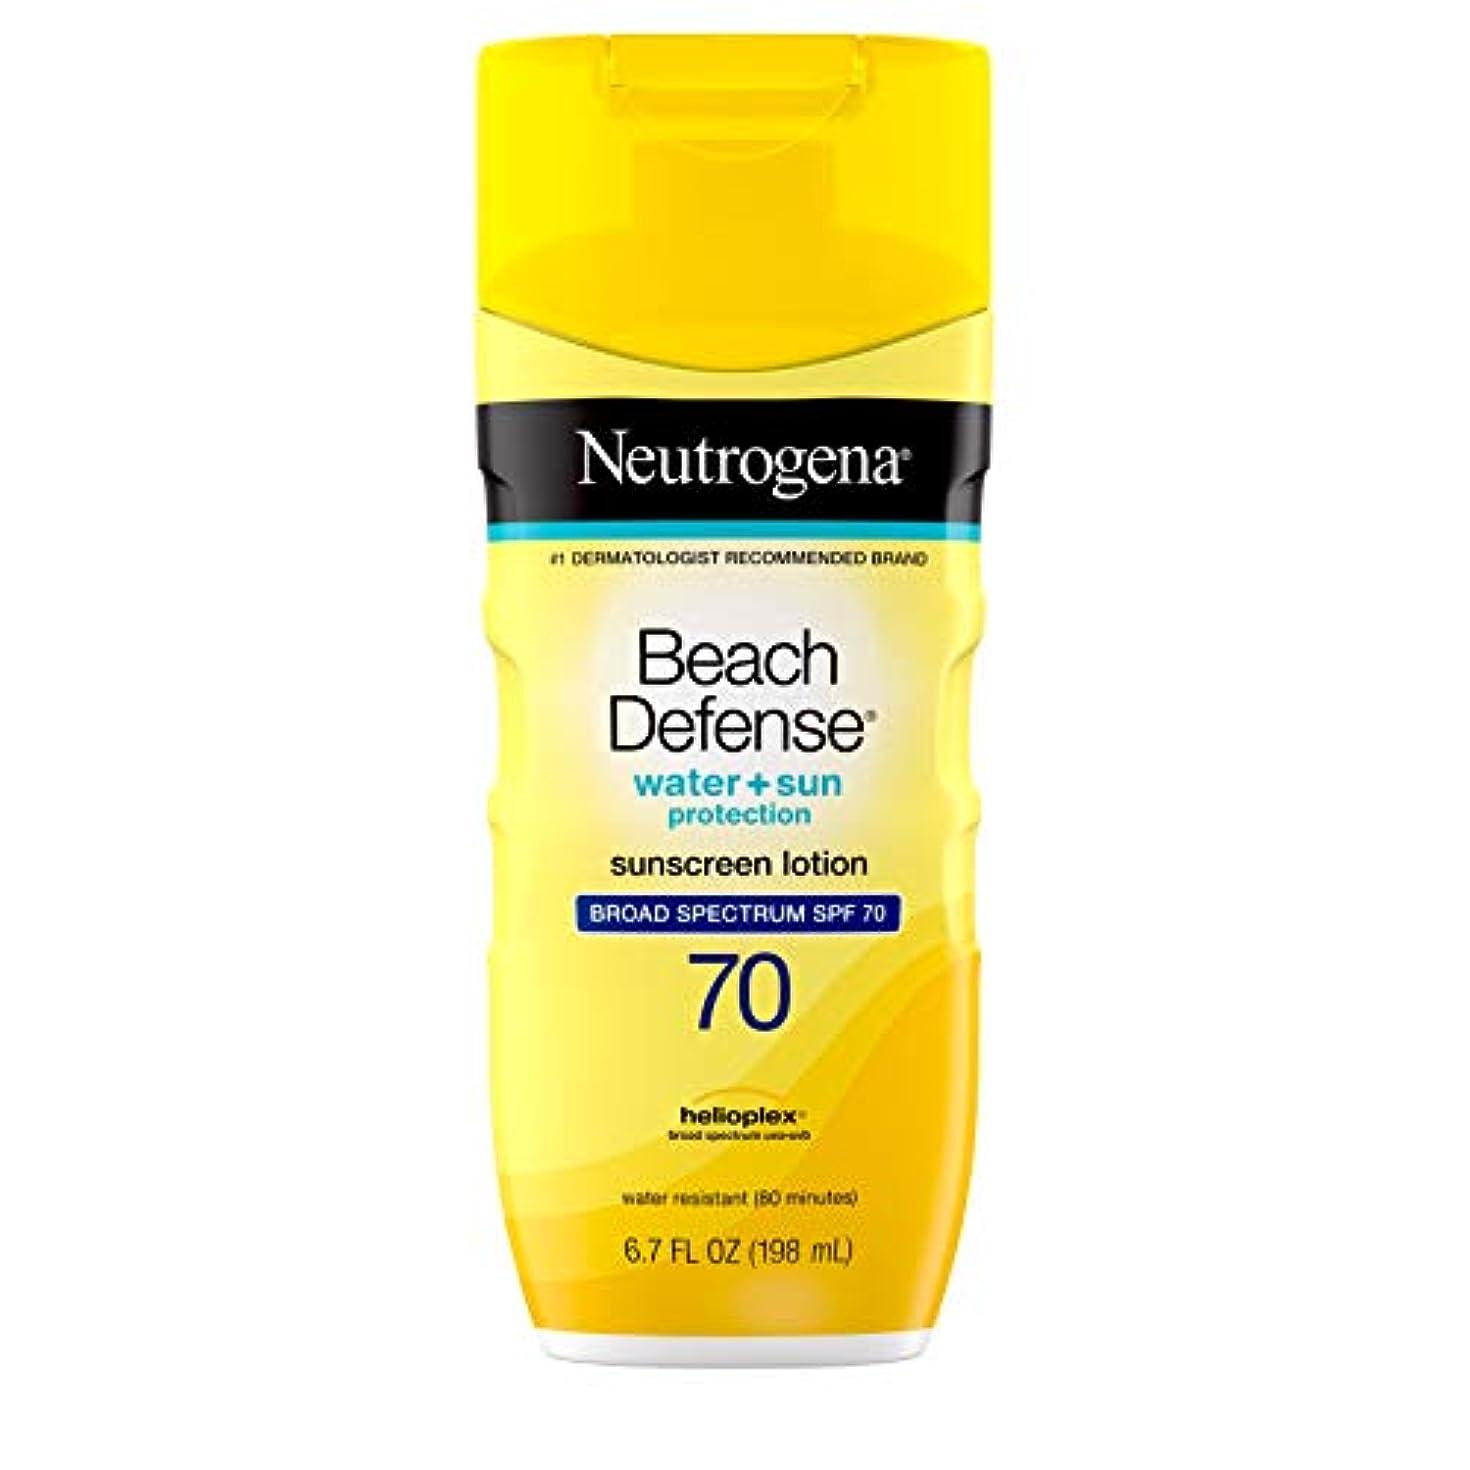 読書をする汚染されたアッティカス海外直送品Neutrogena Neutrogena Beach Defense Lotion SPF 70, 6.7 oz